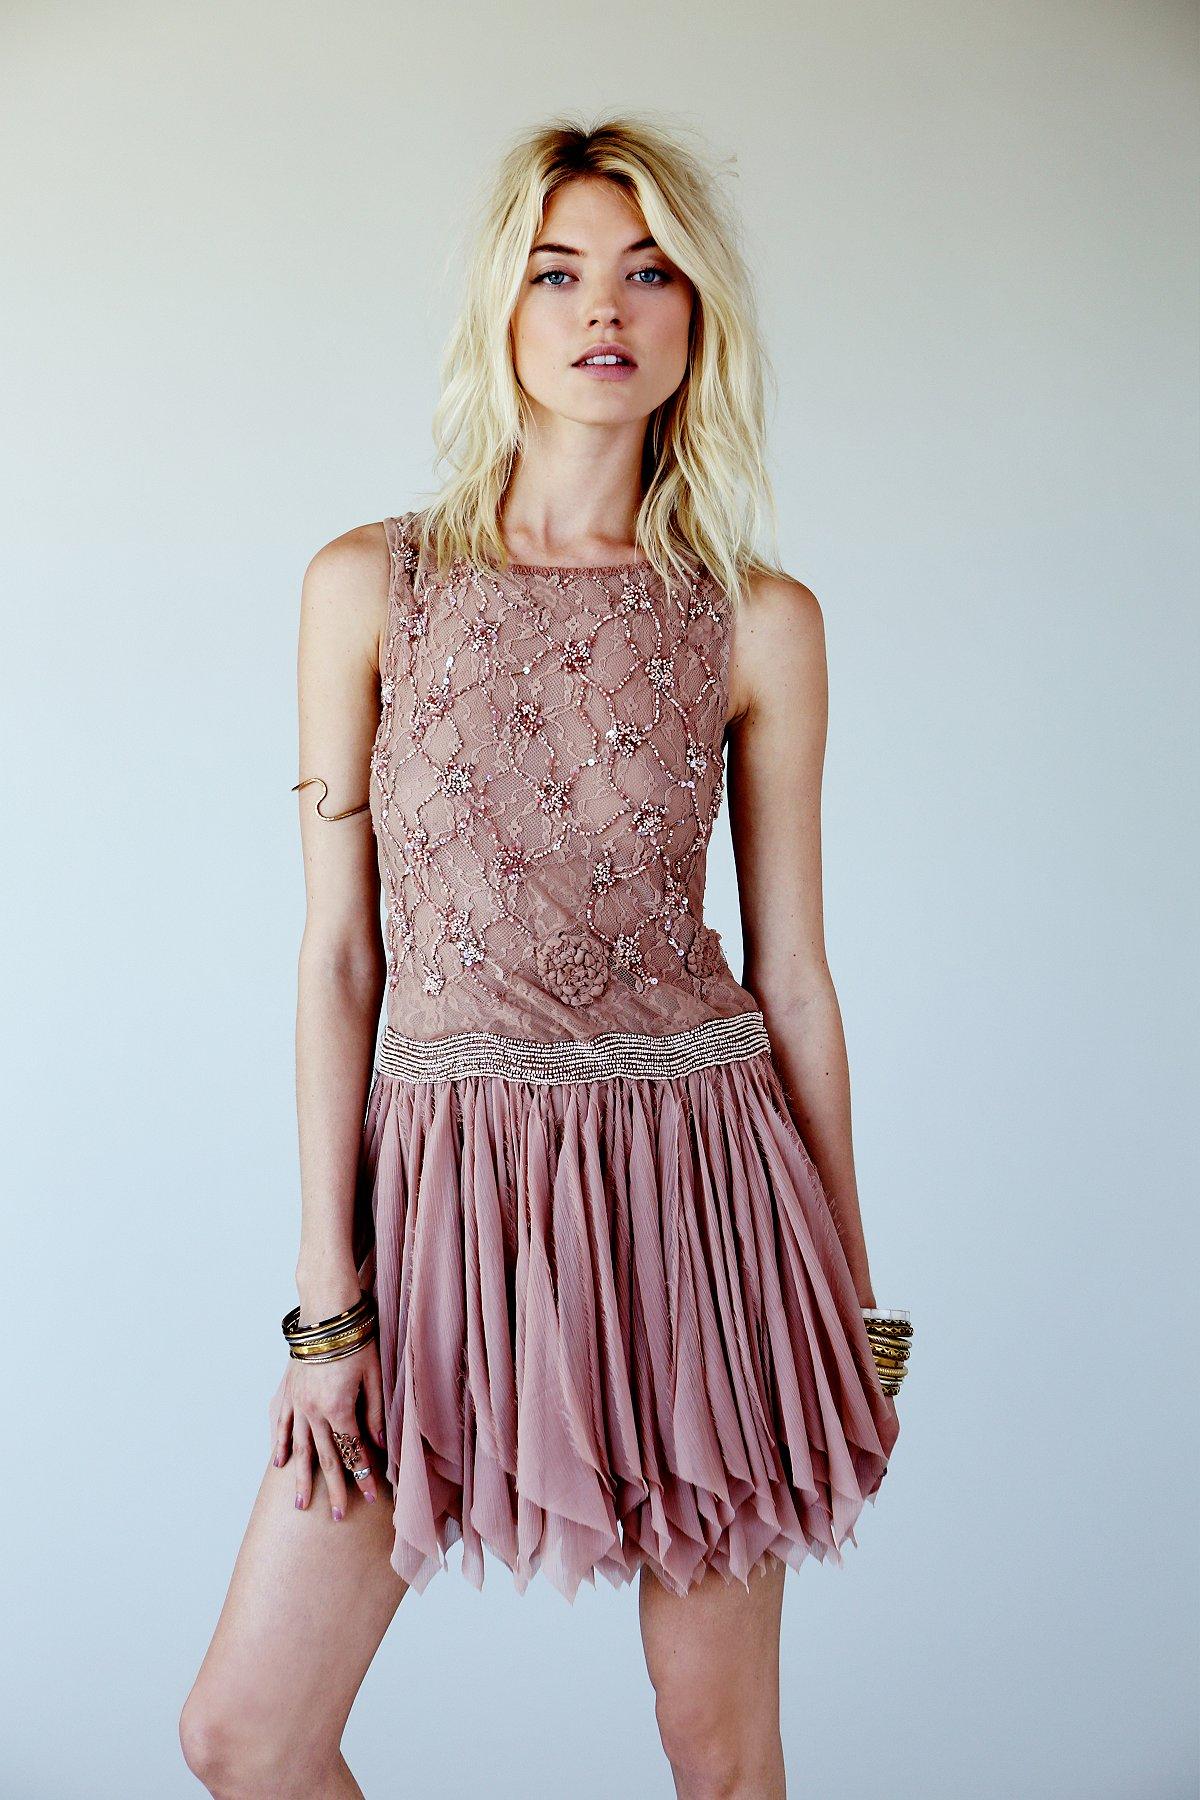 Samantha Embellished Dress